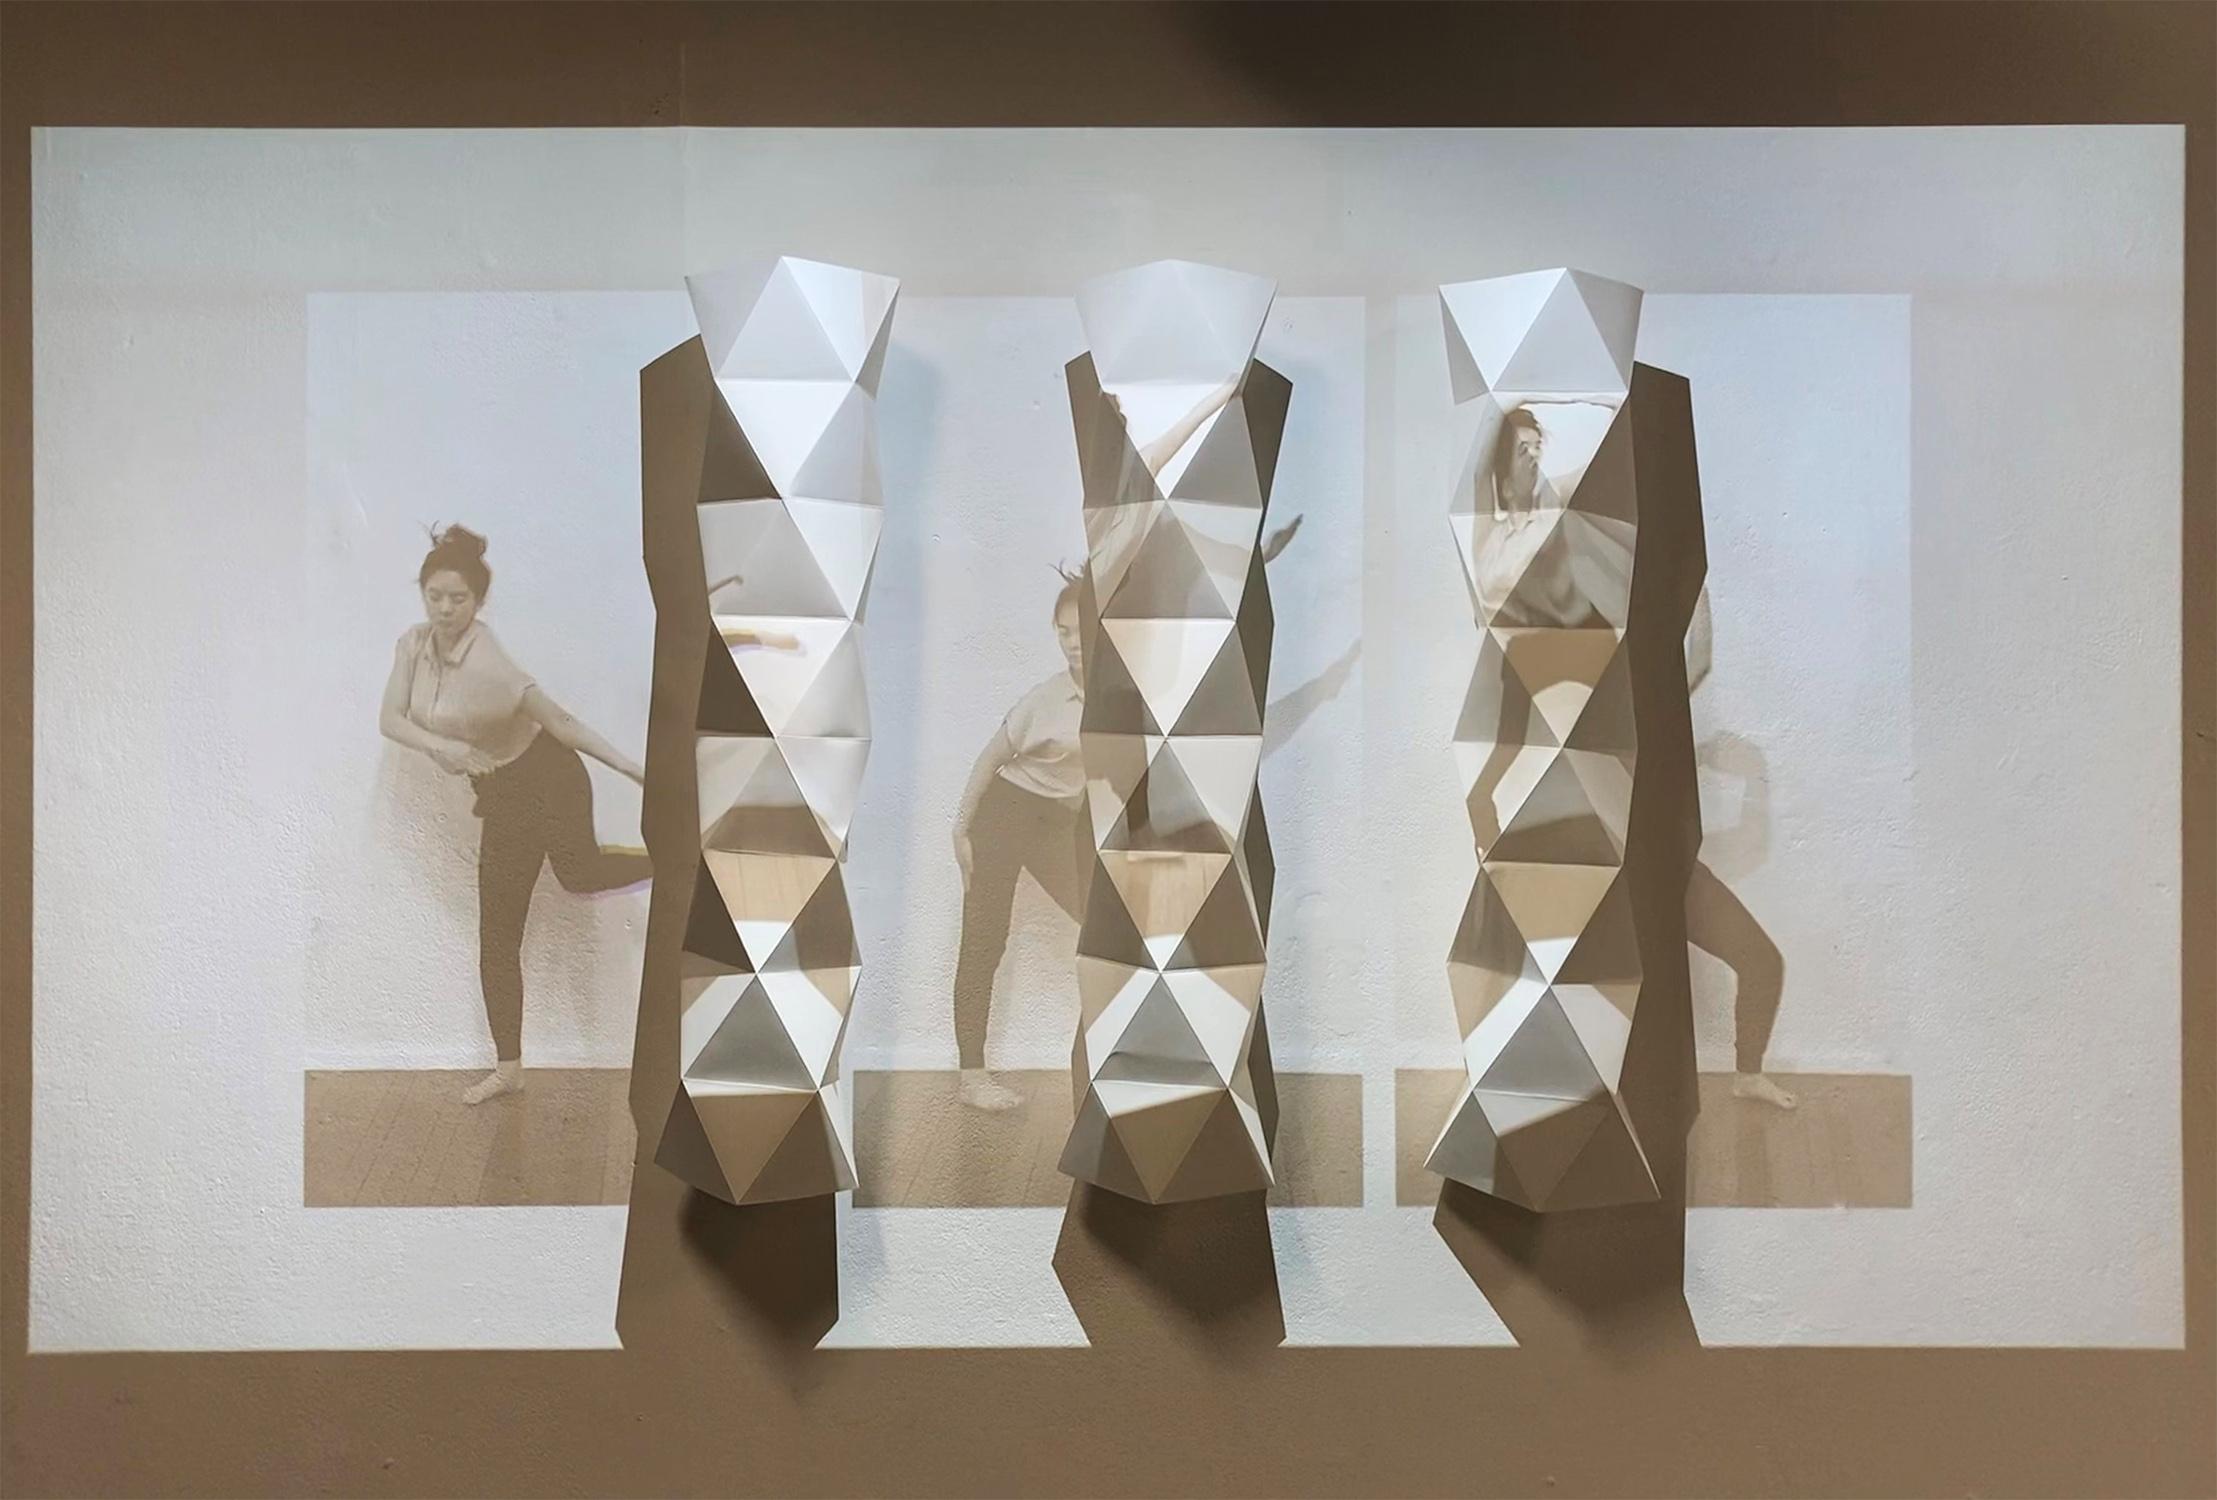 Jane Elizabeth Bennett PR1 Gallery Wendy Yu